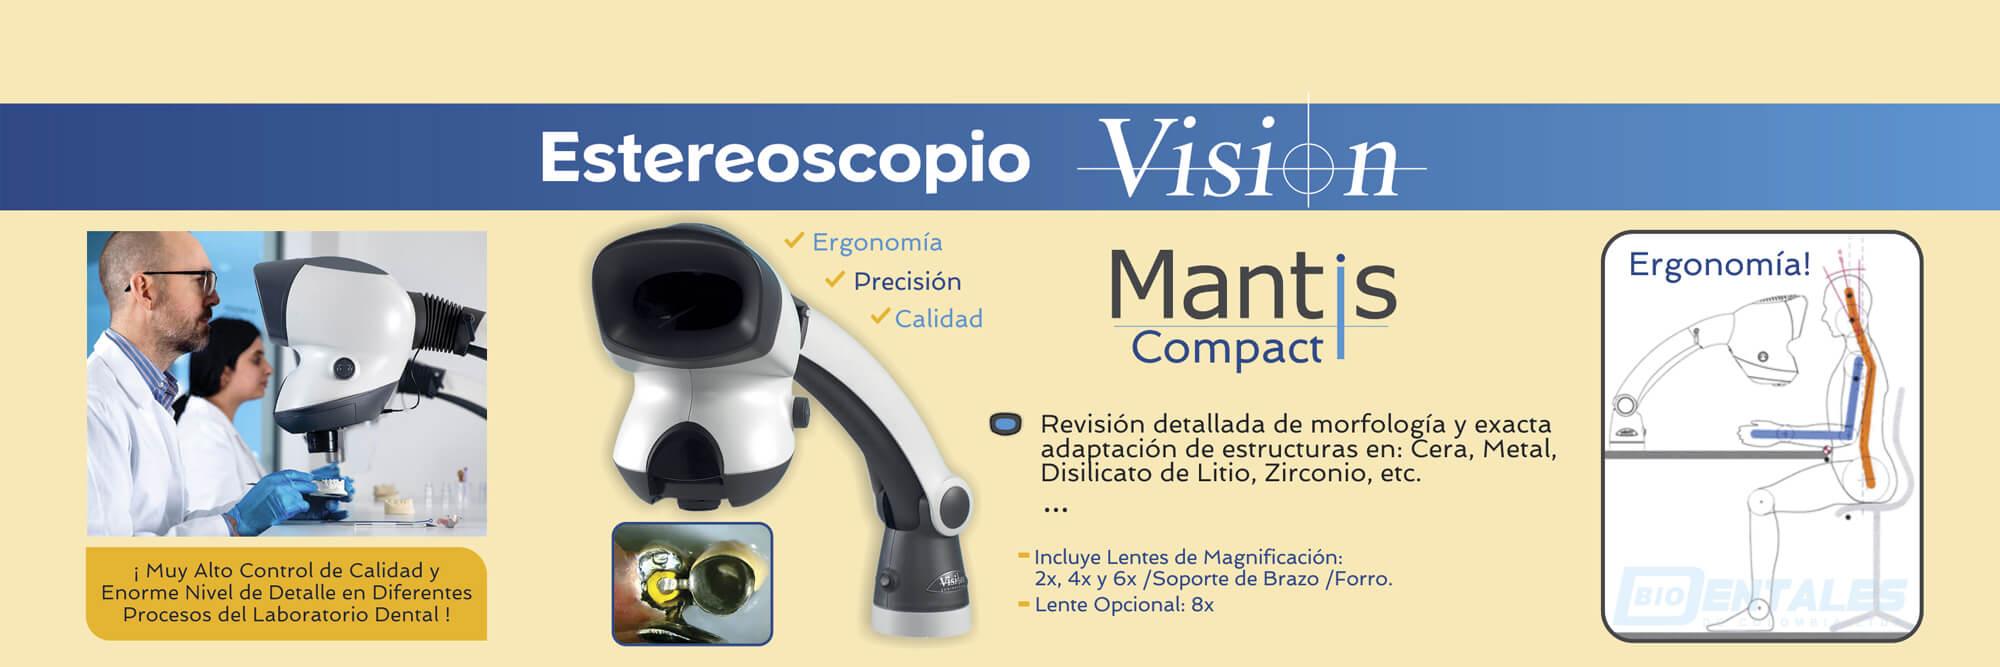 EstereoscopioVision-Biodentales